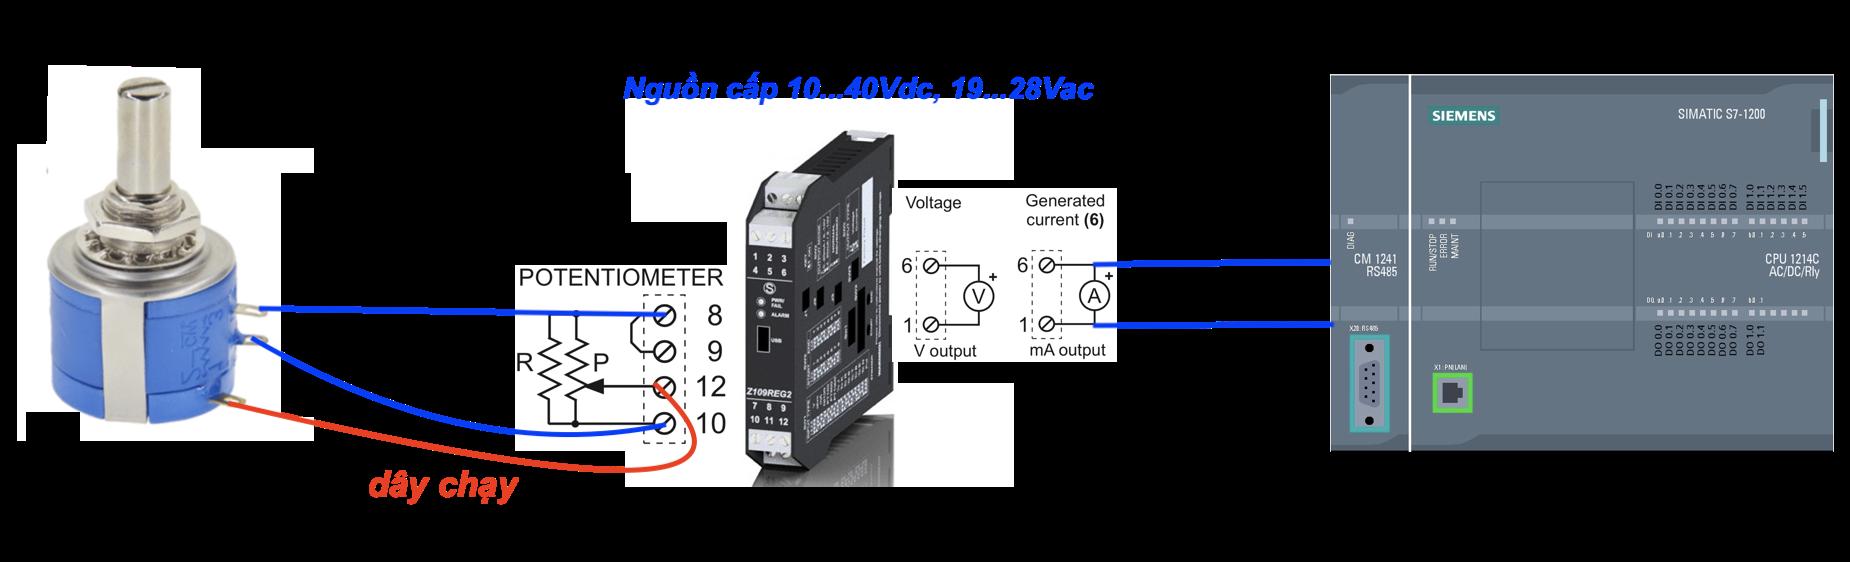 biến trở dùng để điều chỉnh tín hiệu 4-20mA hoặc 0-10V